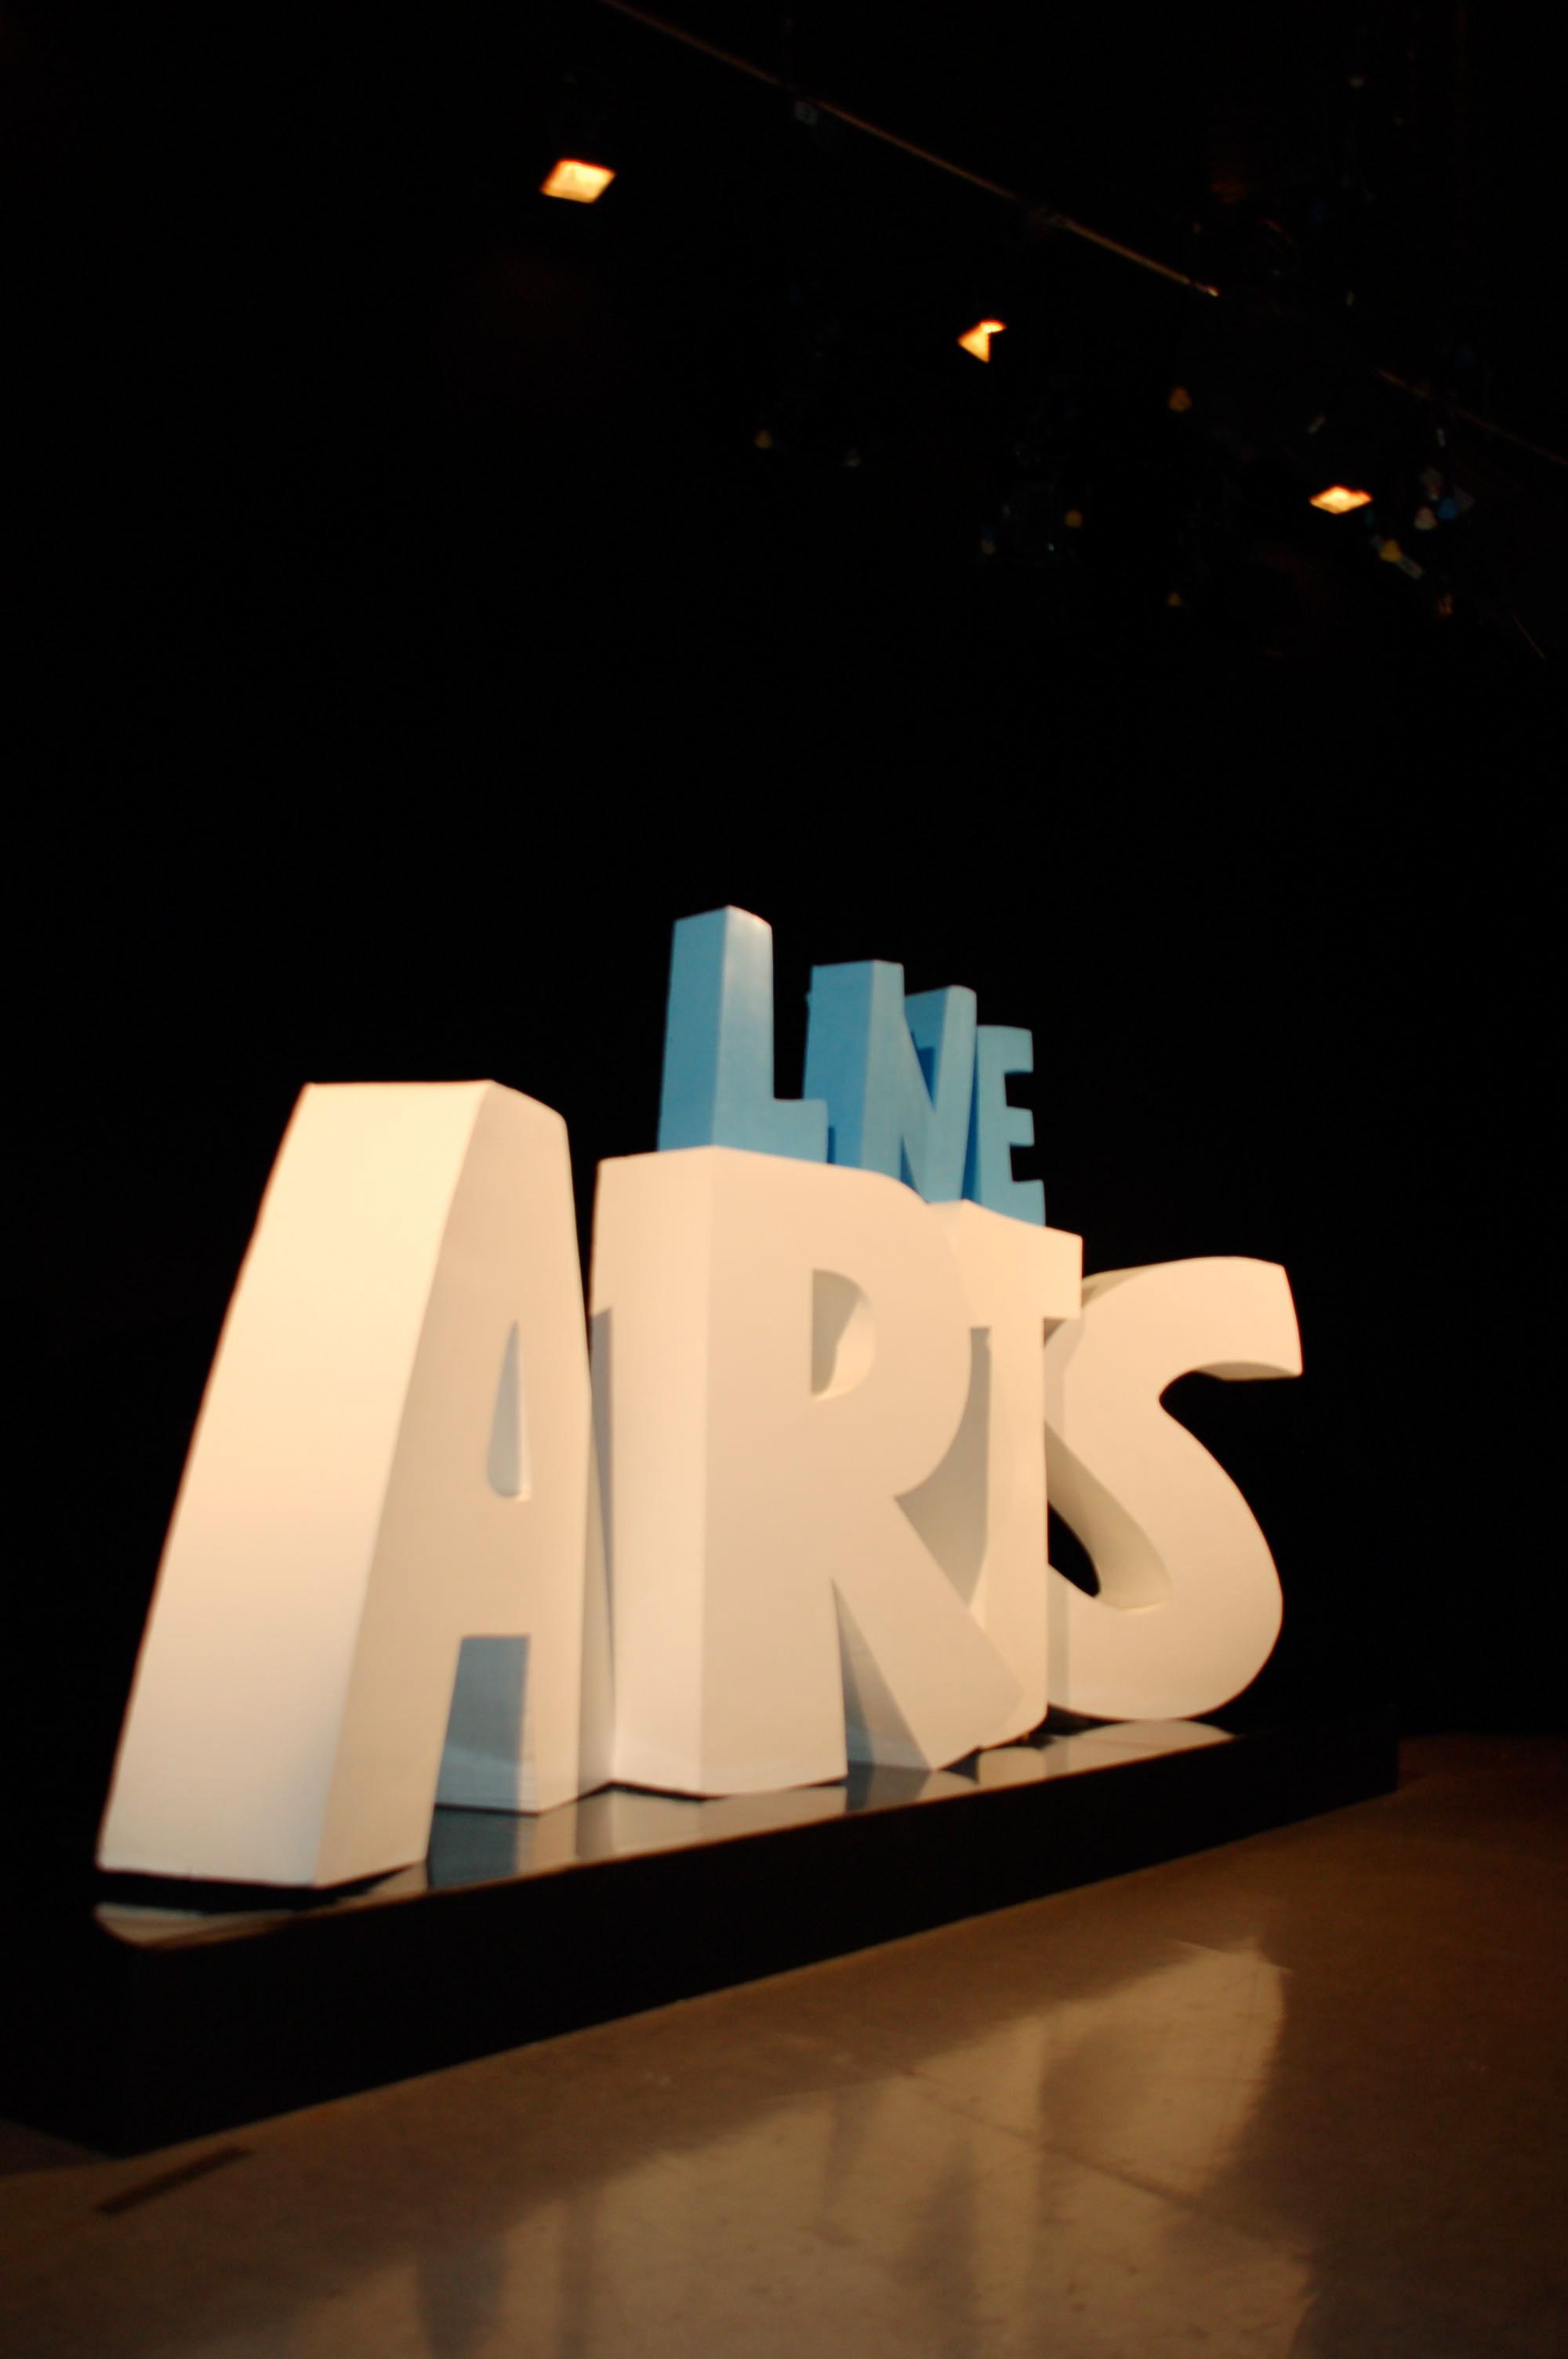 TV set for live arts